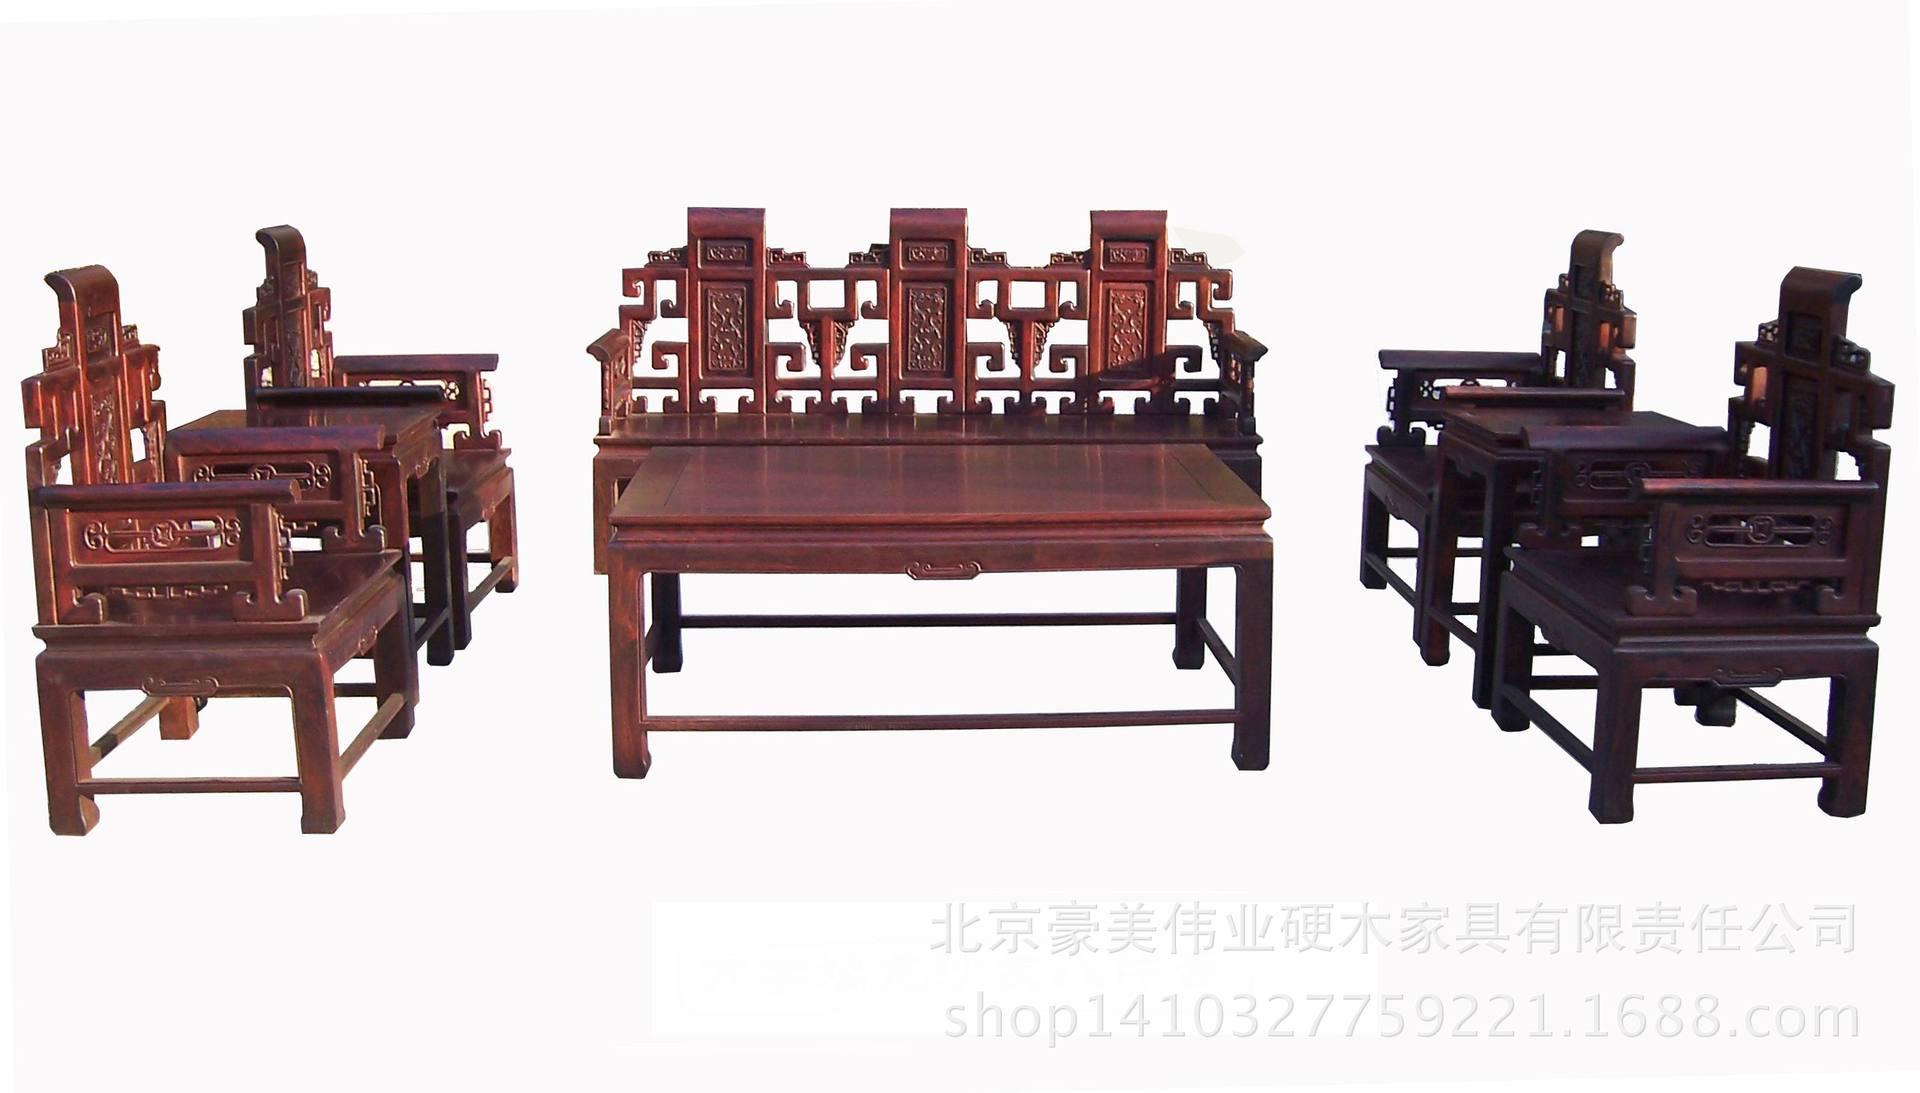 沙发类-红木家具厂-北京红木家具-红木家具-老怎么办喷薄了家具漆图片